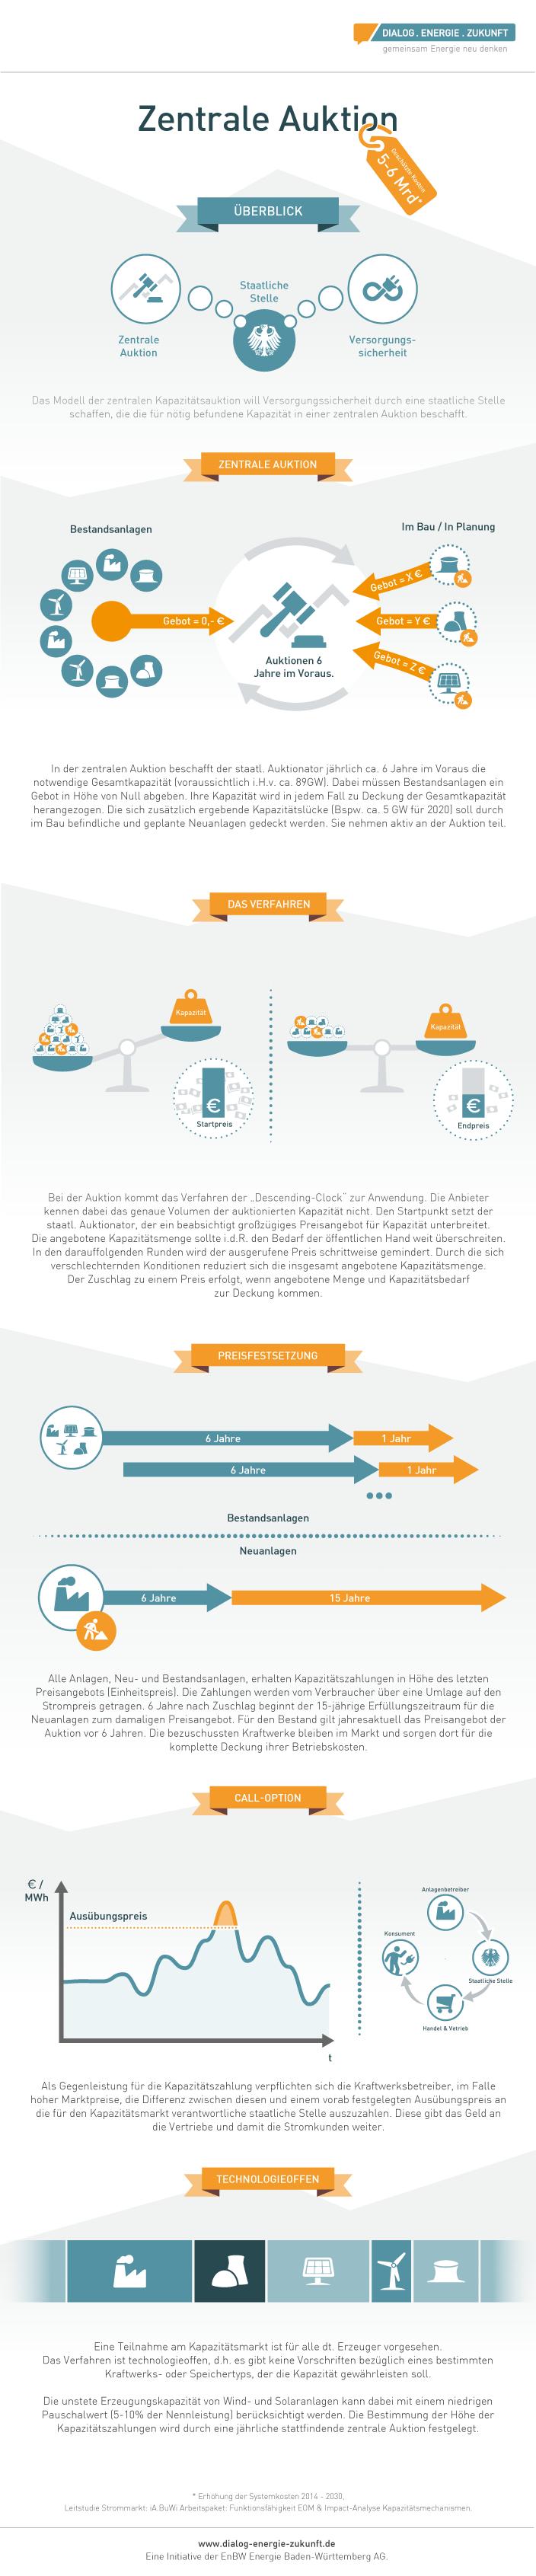 Infografik Zentrale Auktion - Kapazitätsmarktmodell